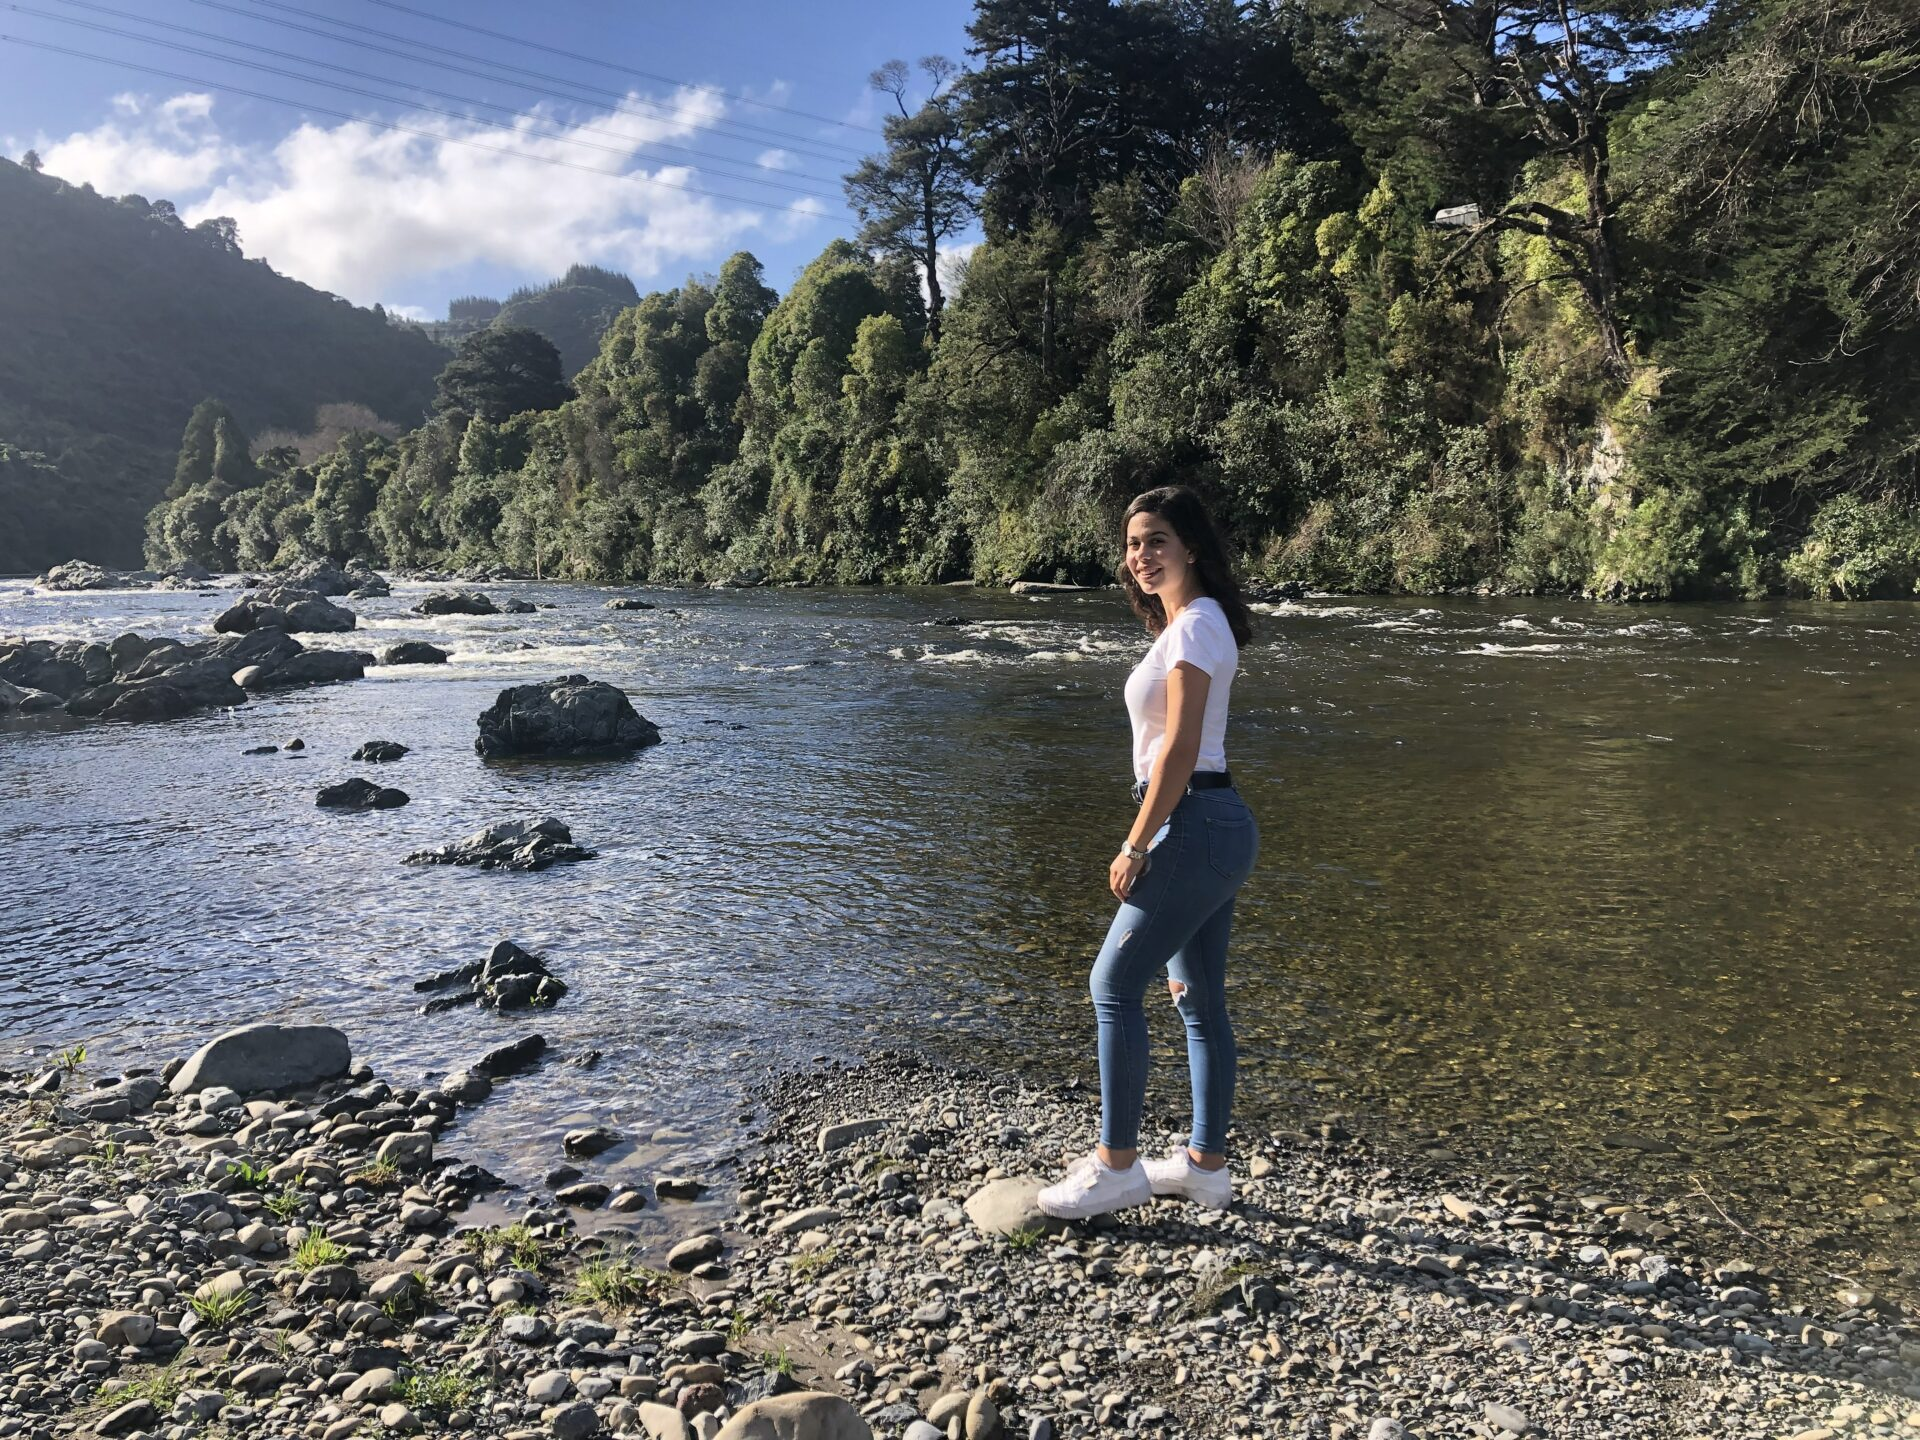 Lunas Reiseblog: Sind Neuseeländer wirklich so freundlich wie alle sagen?